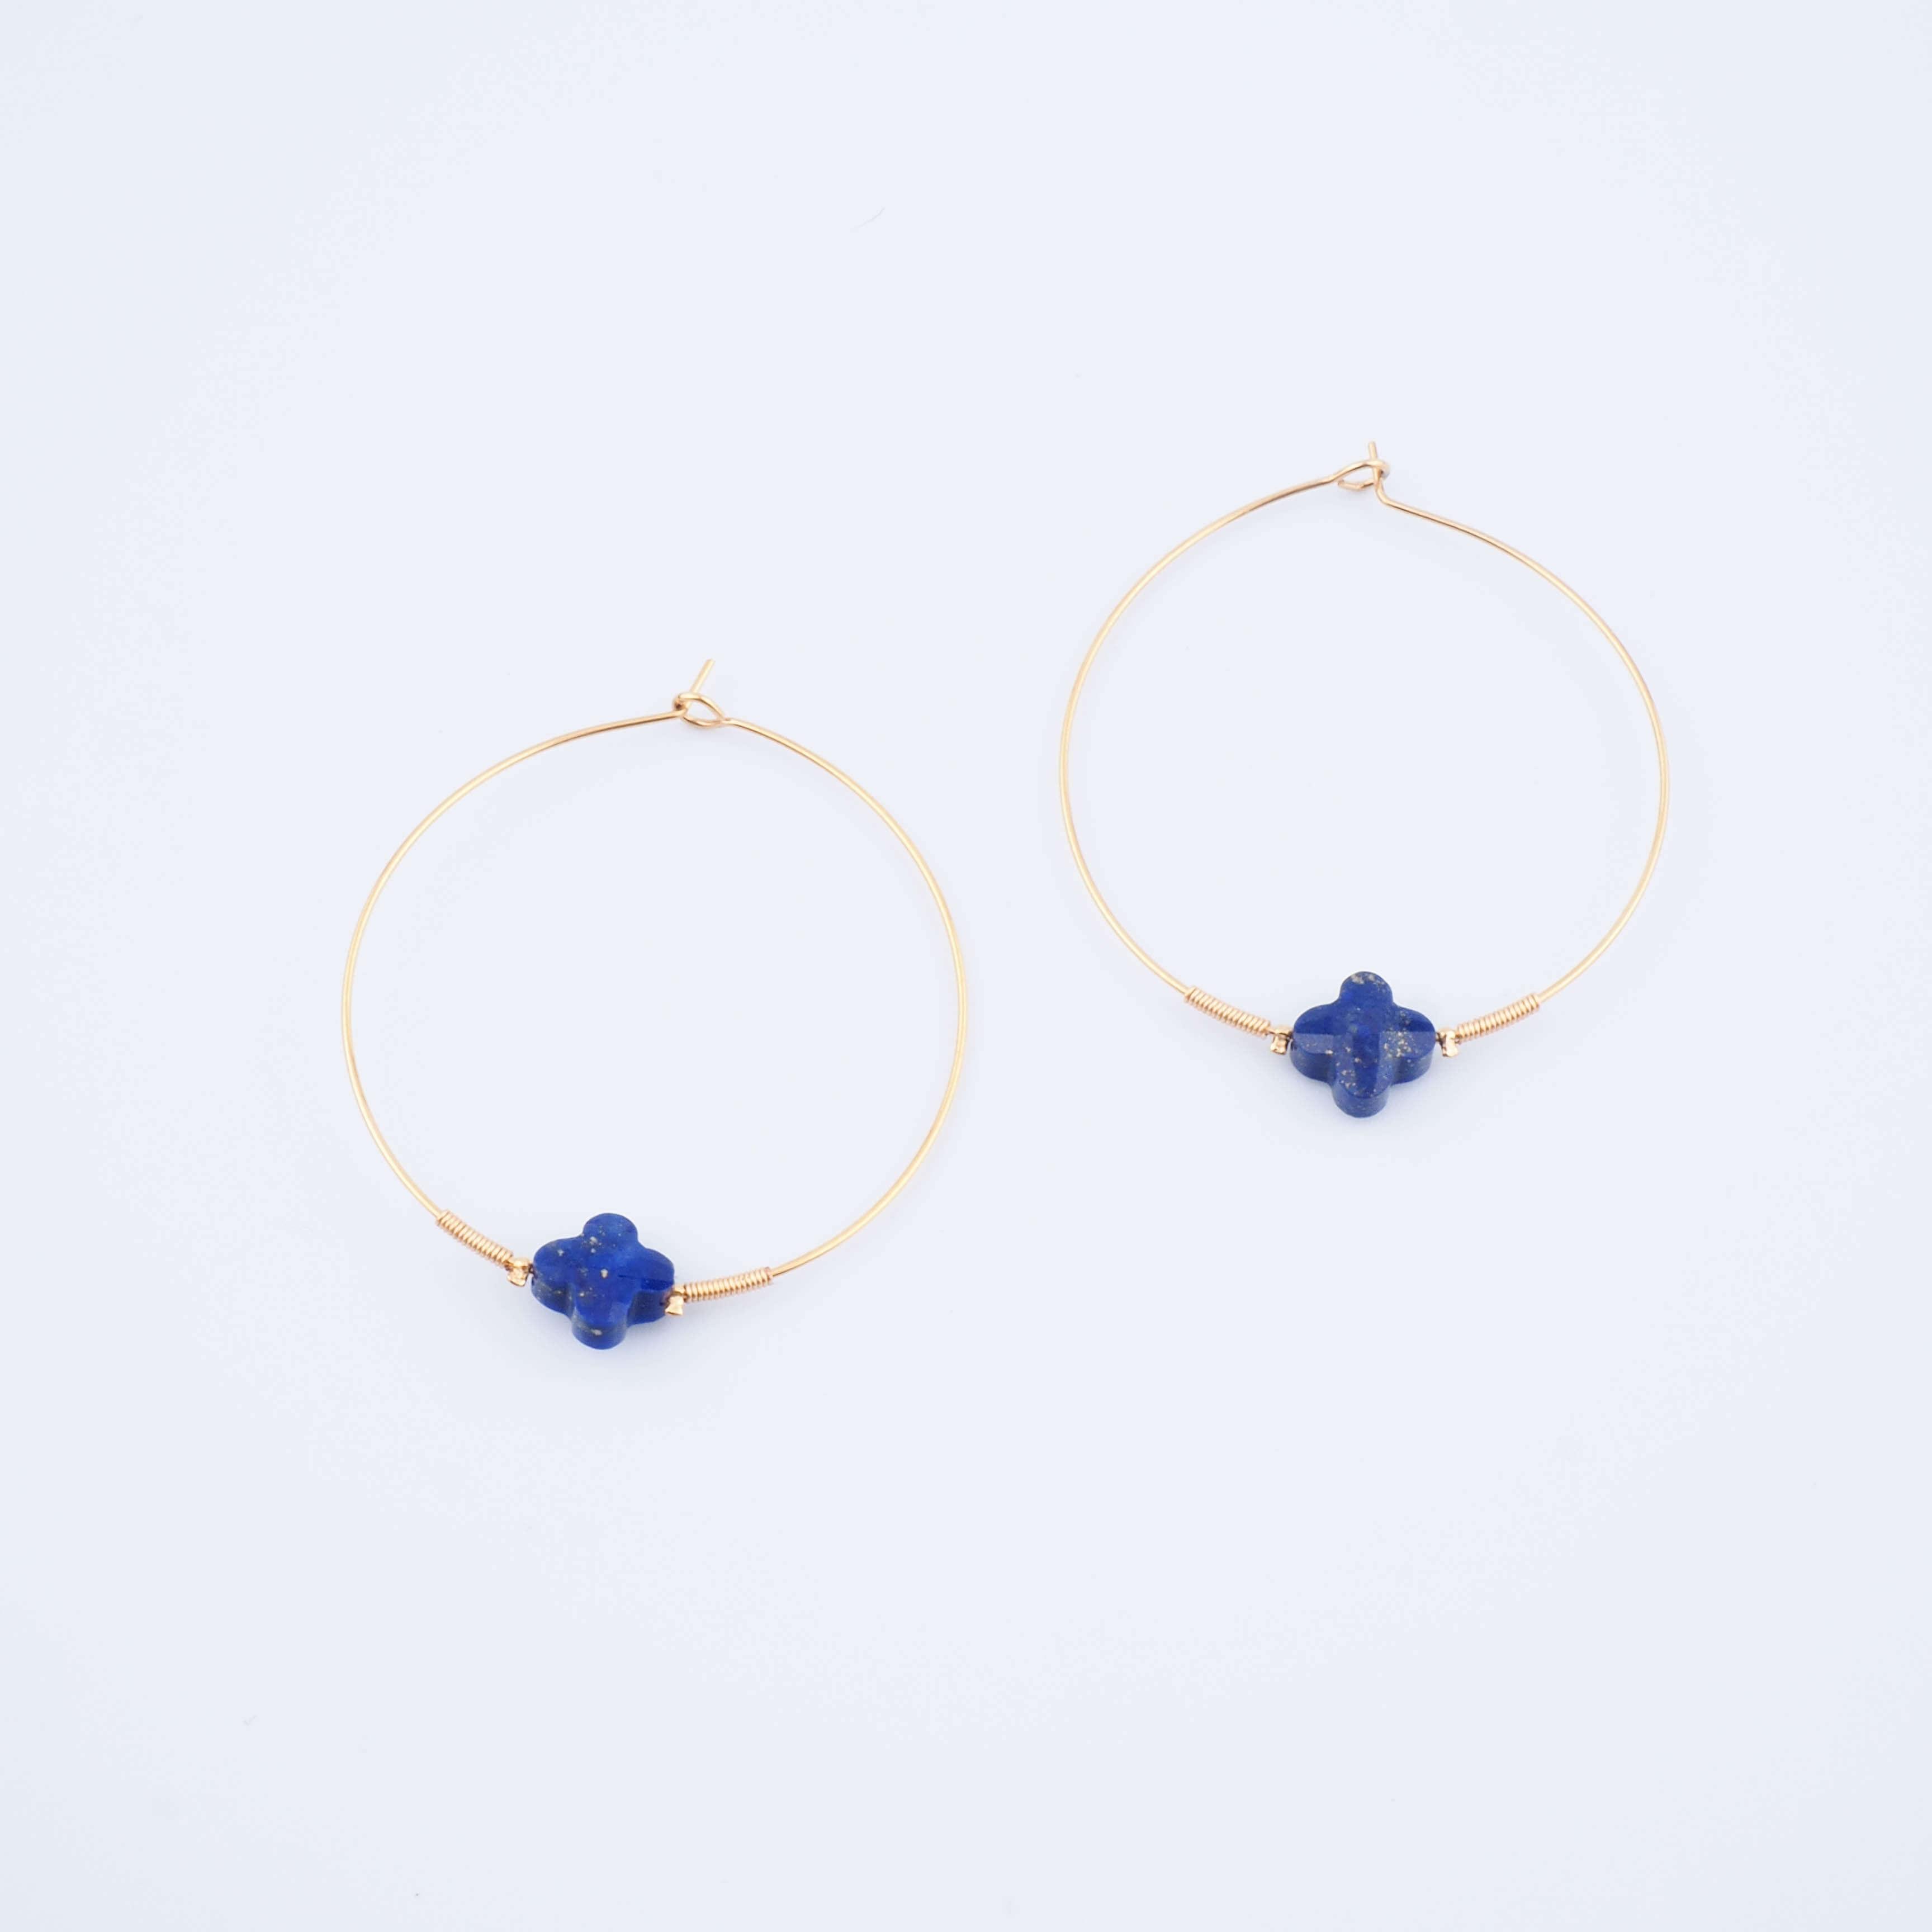 Boucles d'oreilles créoles Elena lapis lazuli - Zag Bijoux